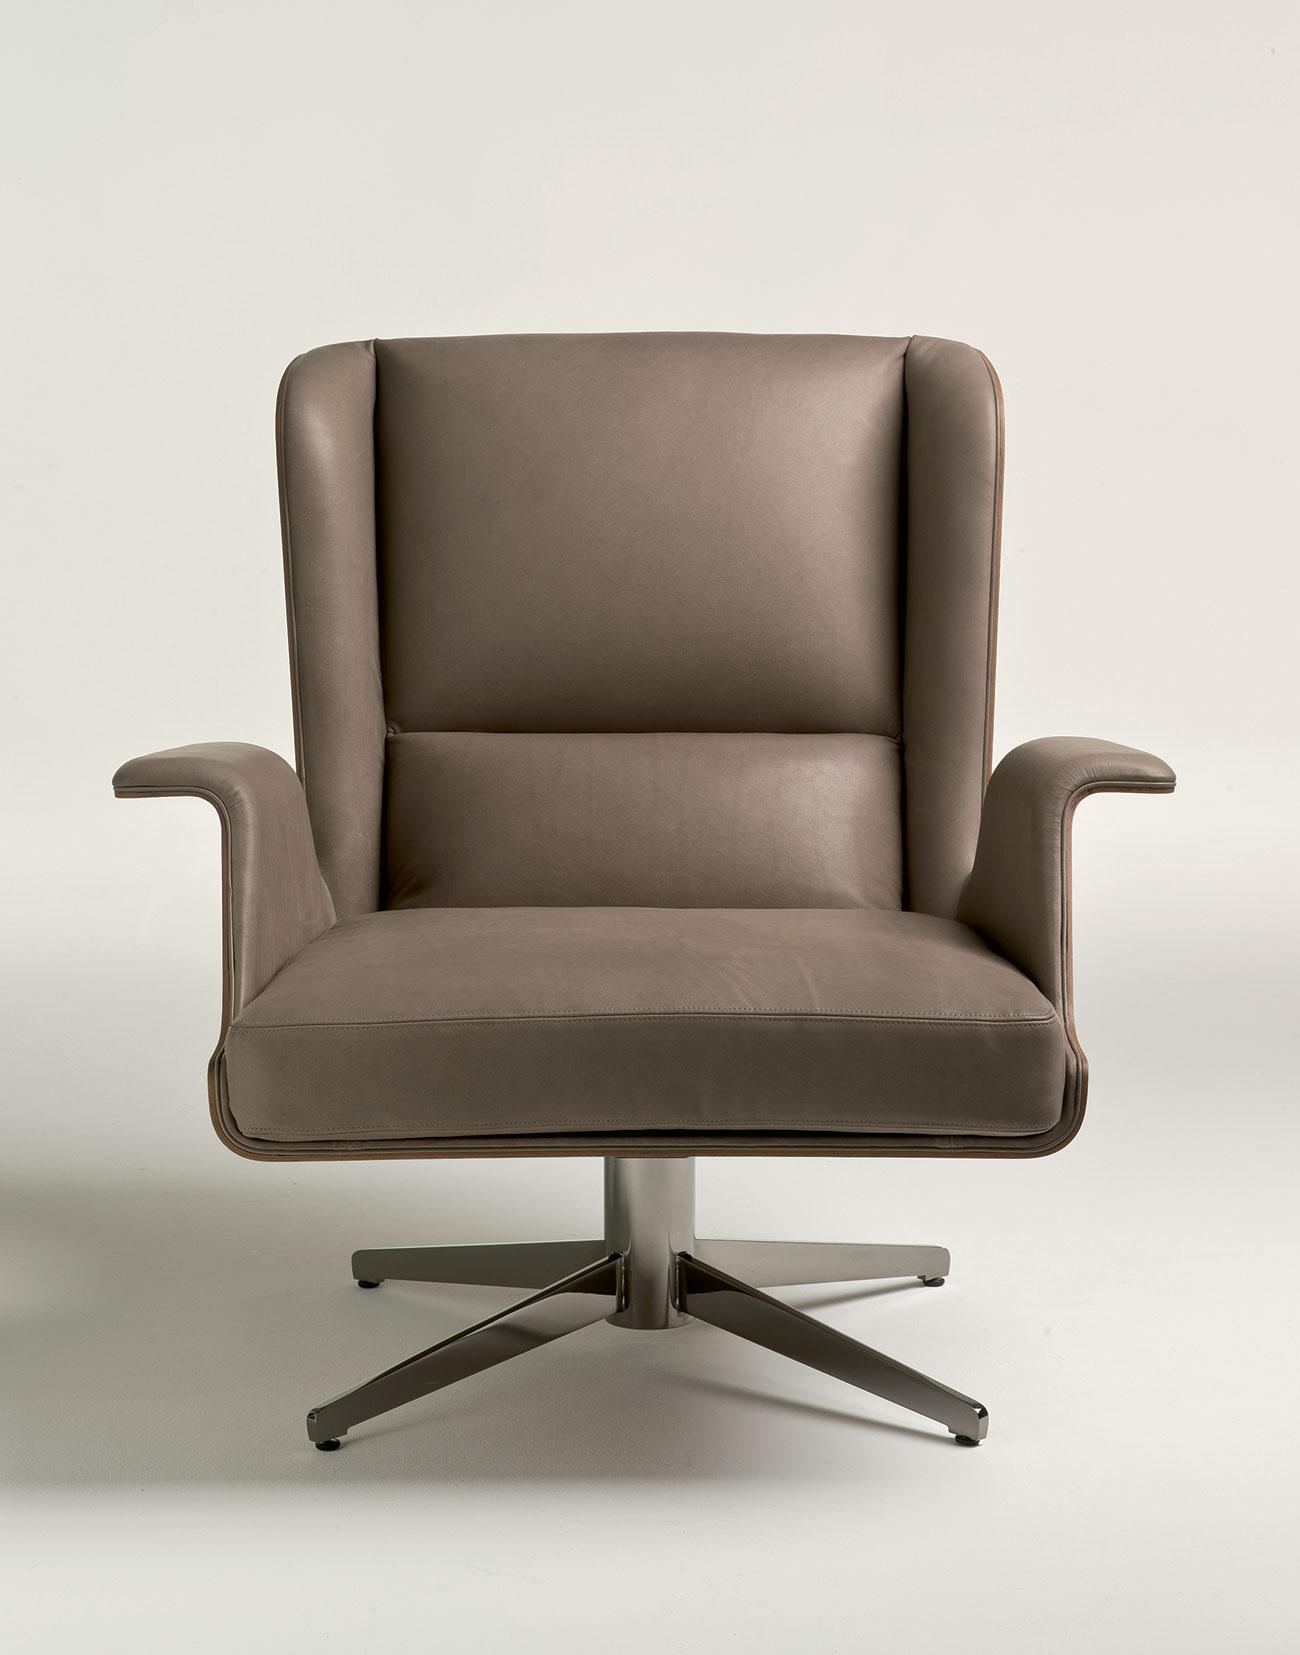 Garbo poltrona relax girevole italy dream design - Poltrona relax design ...